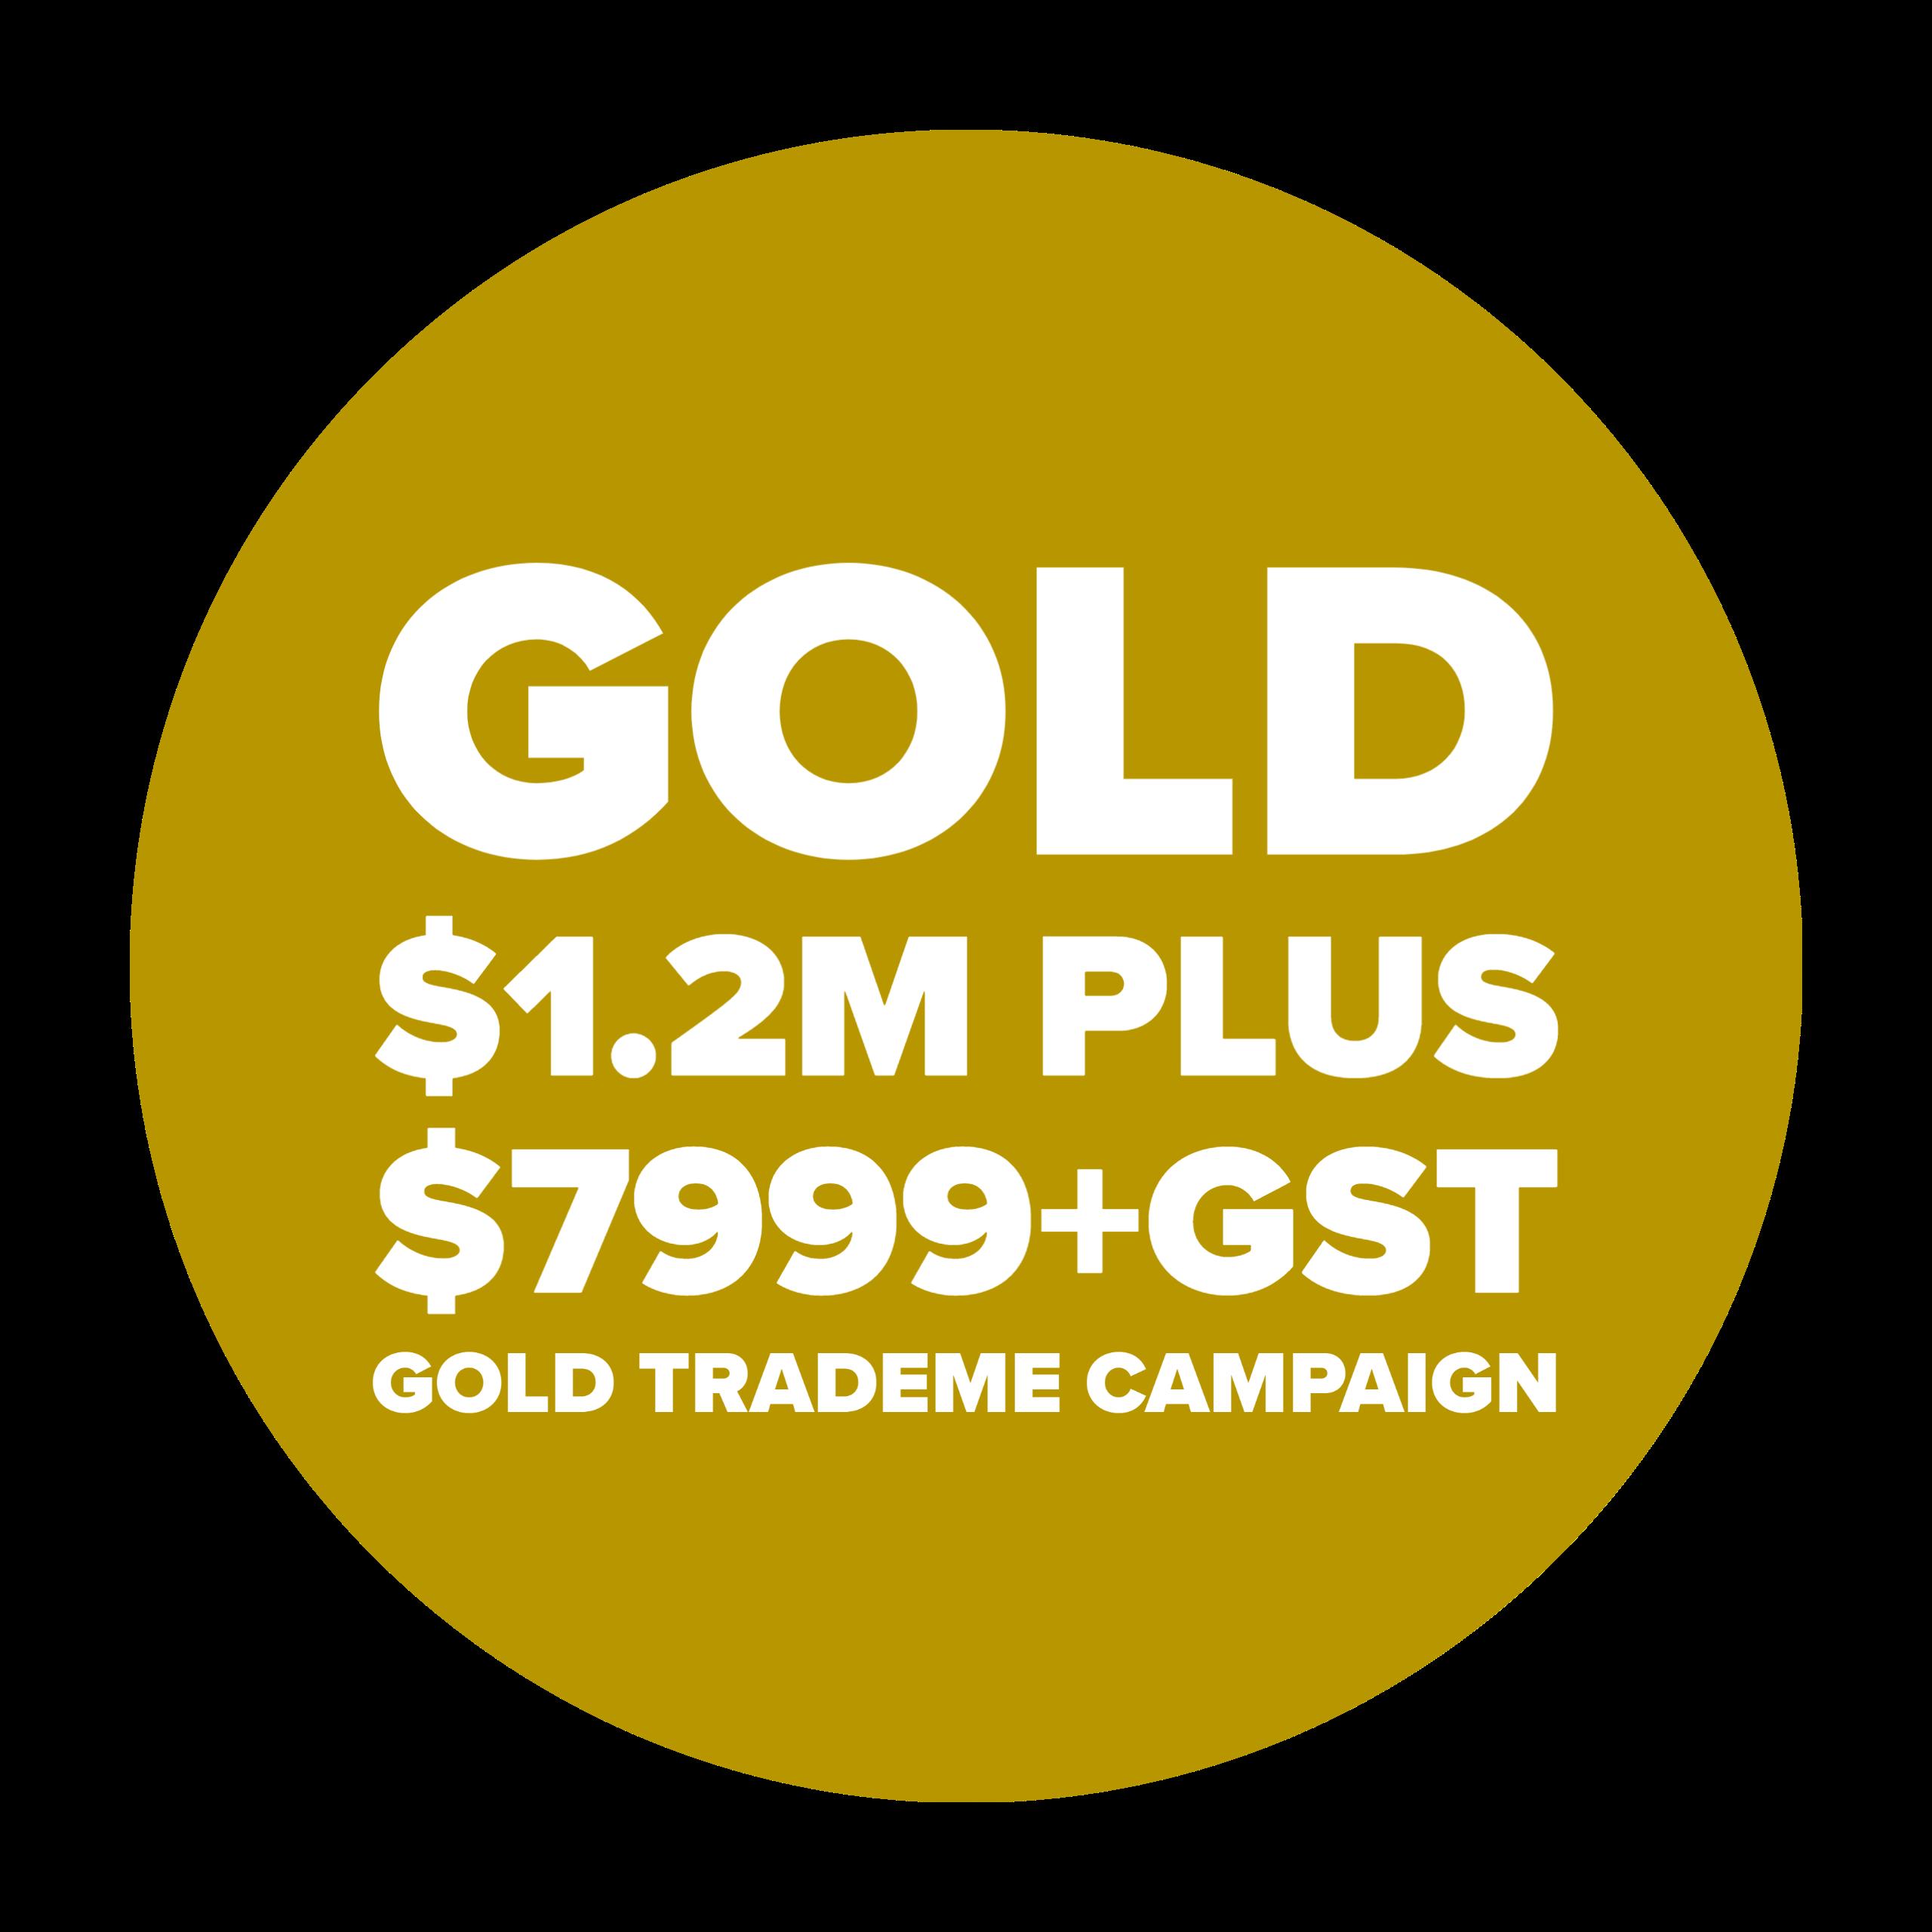 Gold $7999+GST